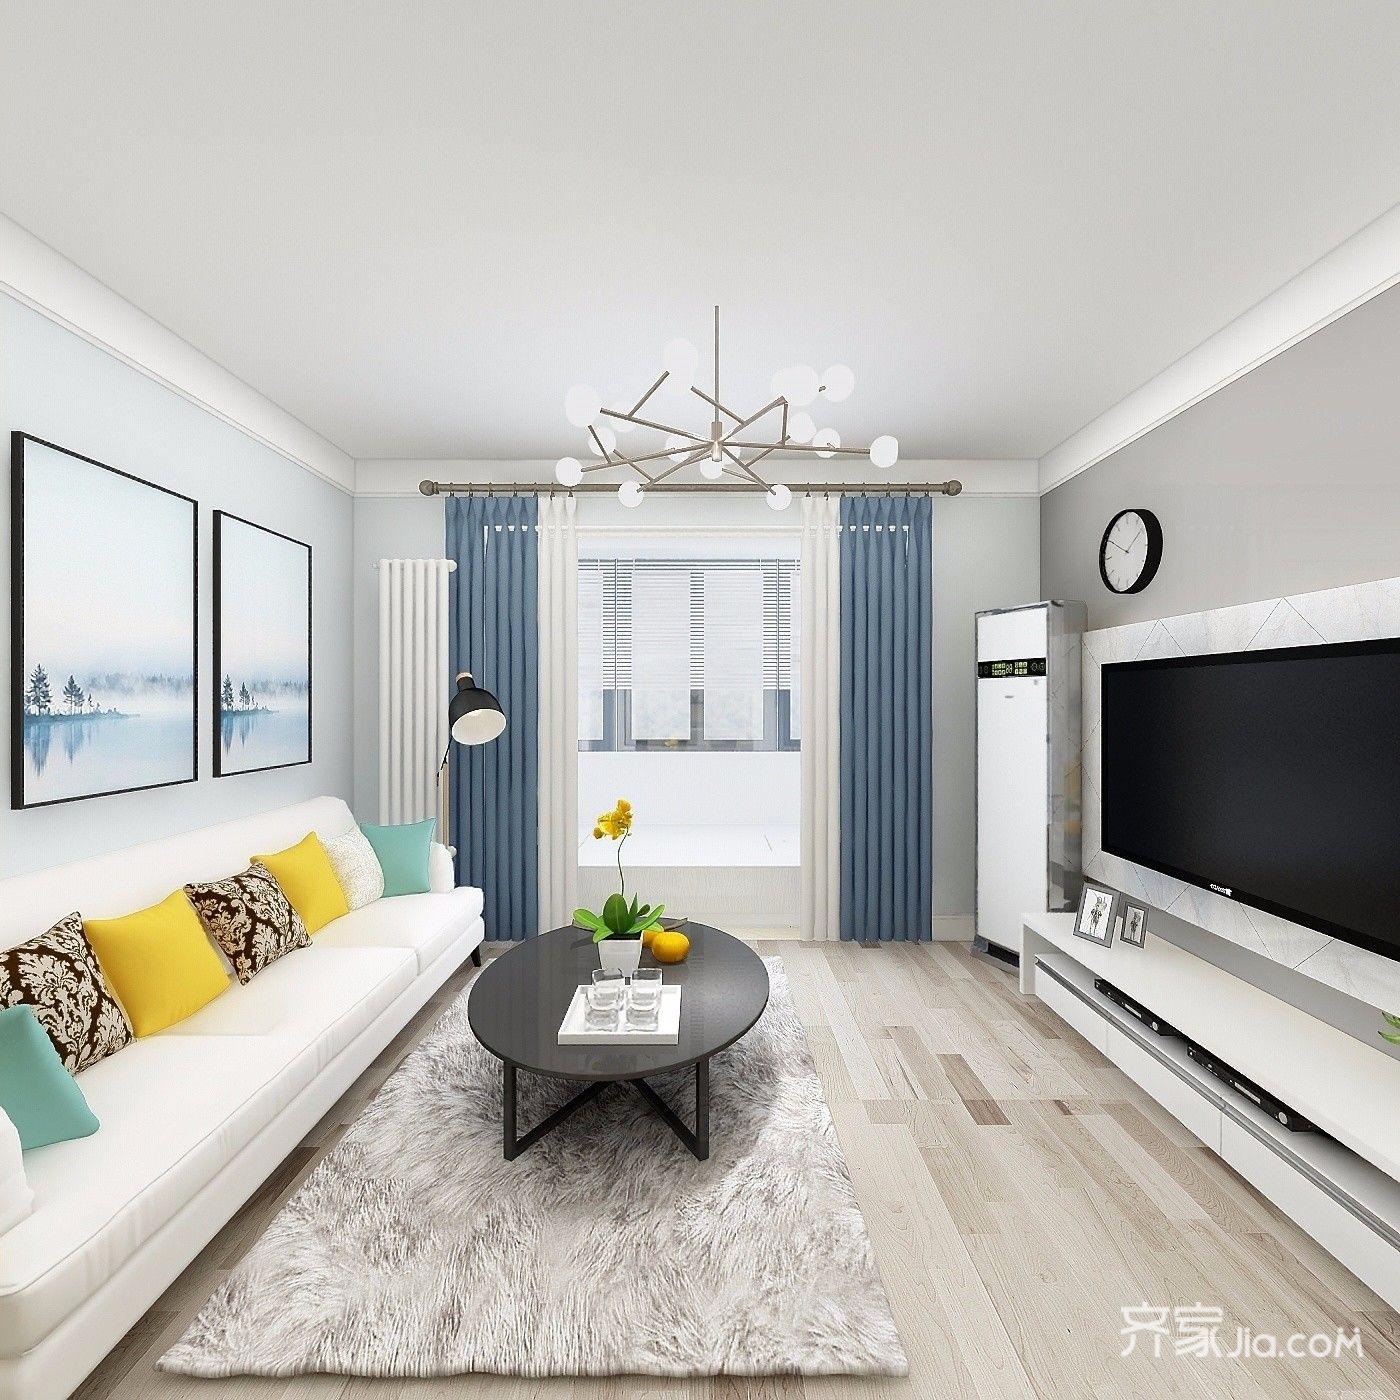 北京家庭装修效果图 现代风格别墅装修案例_齐家网